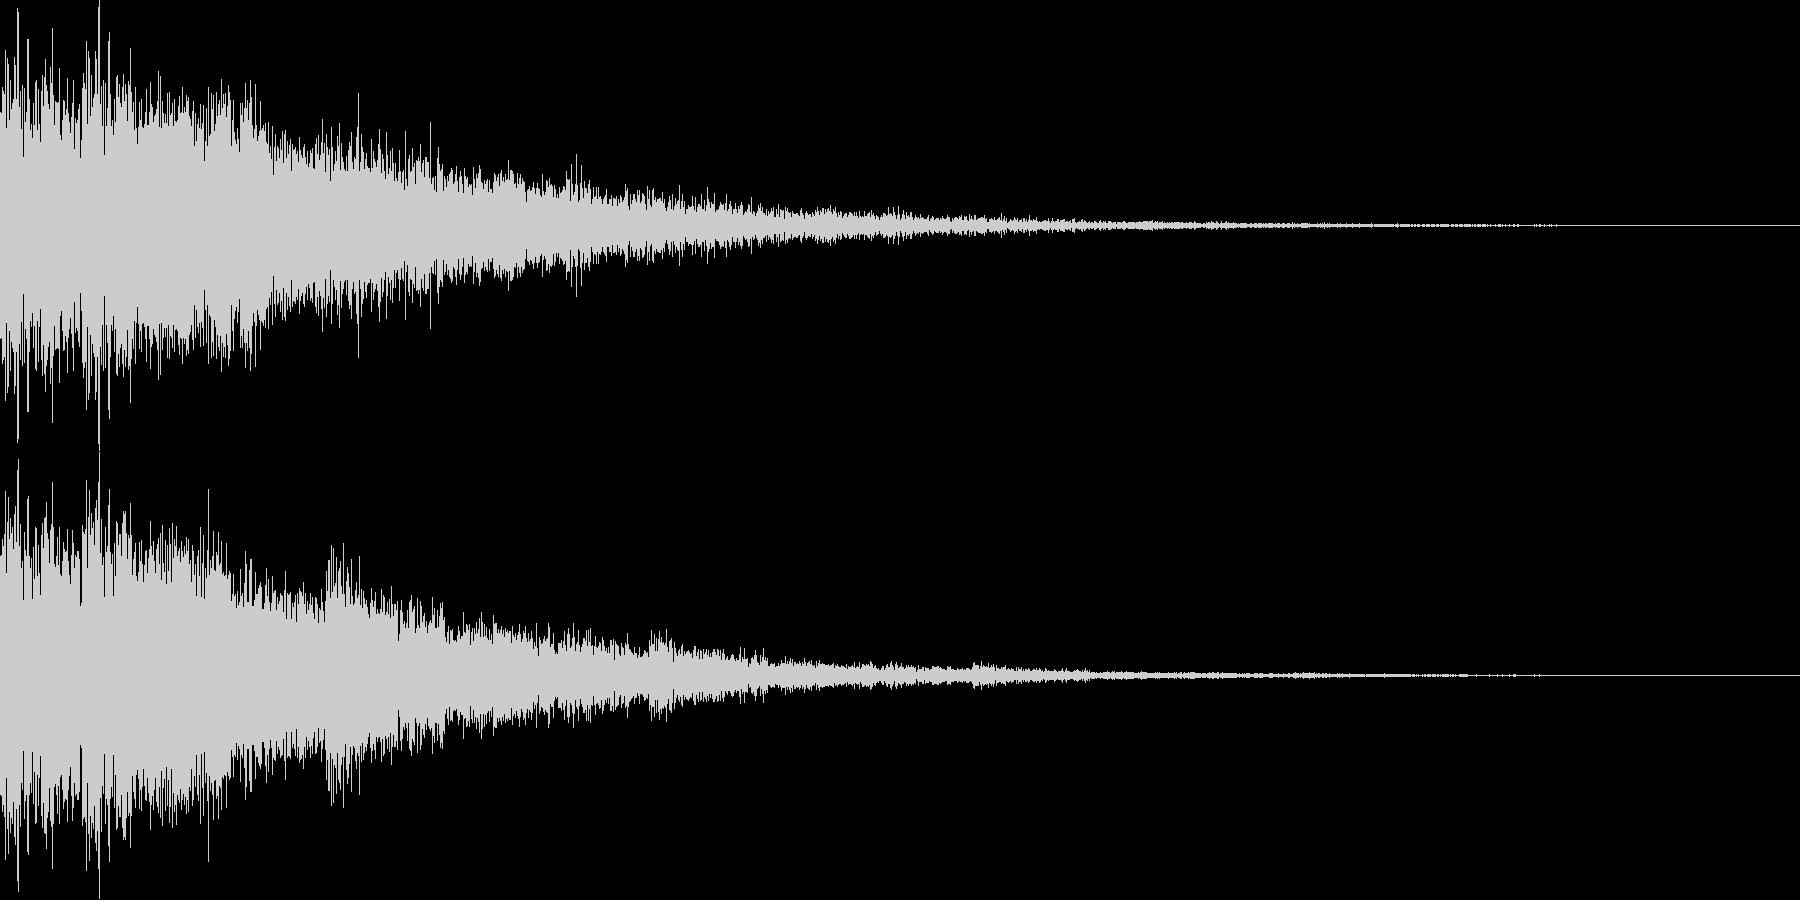 勢いのある決定音、スタート音の未再生の波形